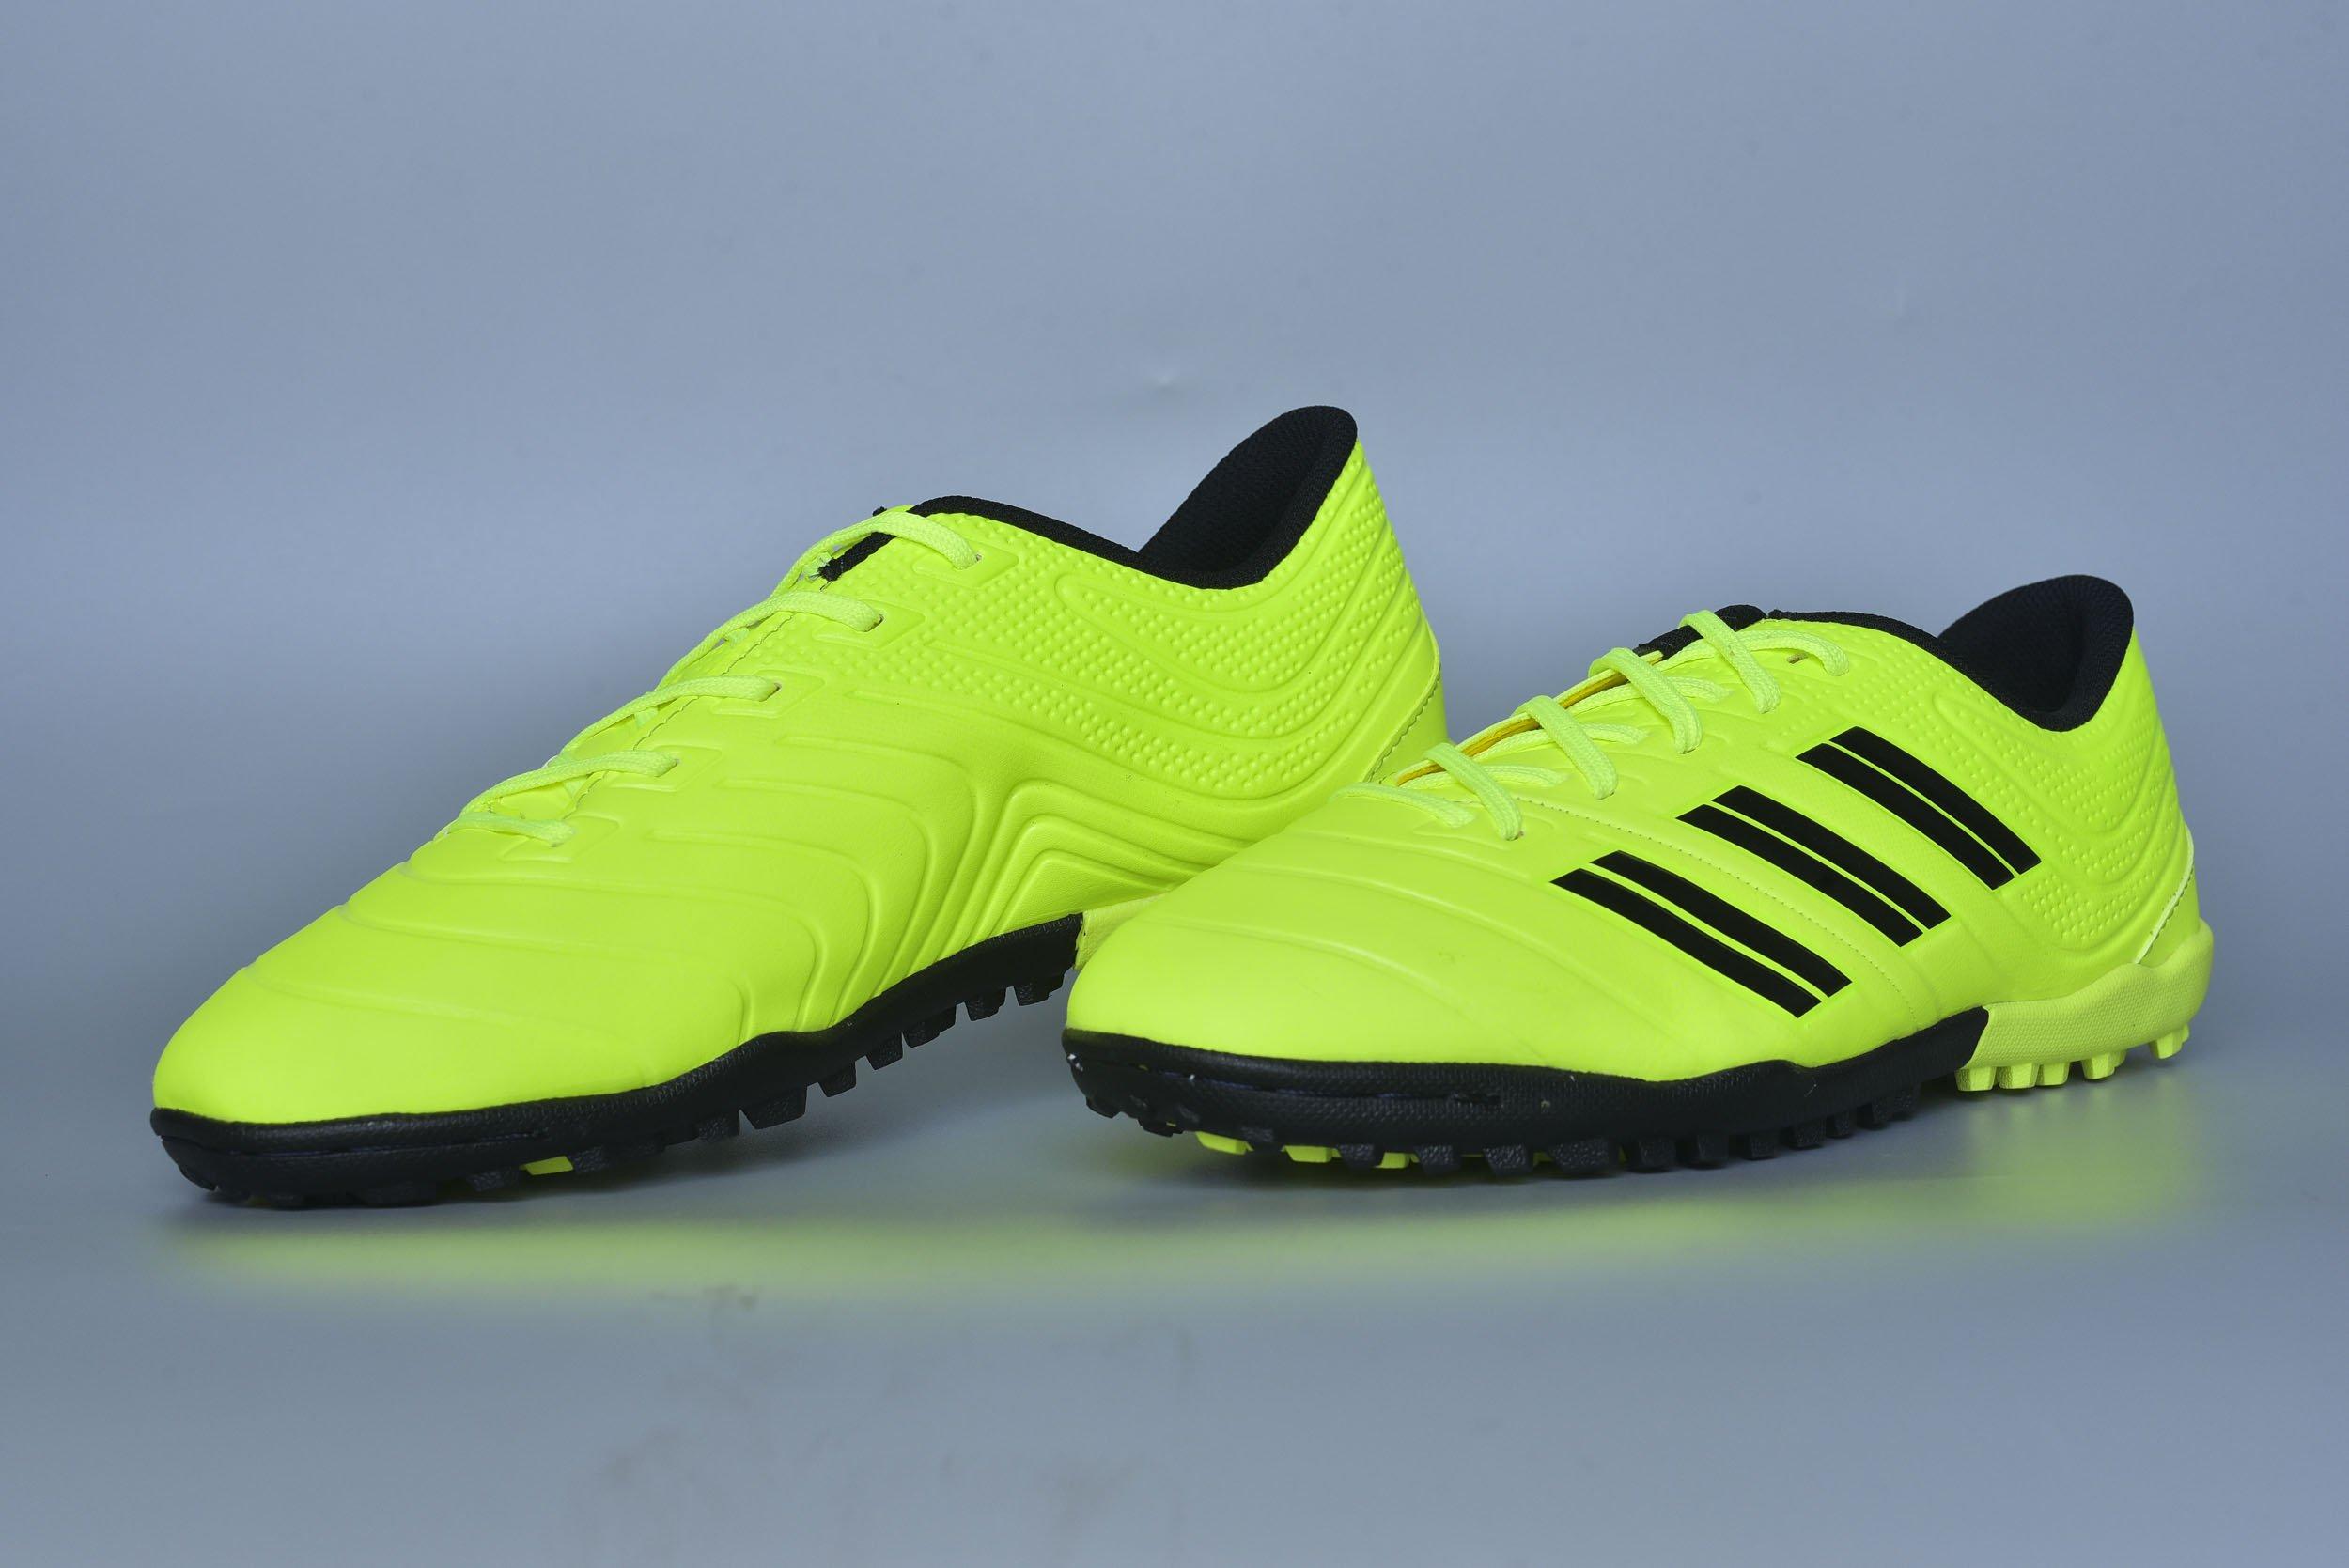 Giày đá bóng Xfaster Copa Chuôi/Sọc Đen